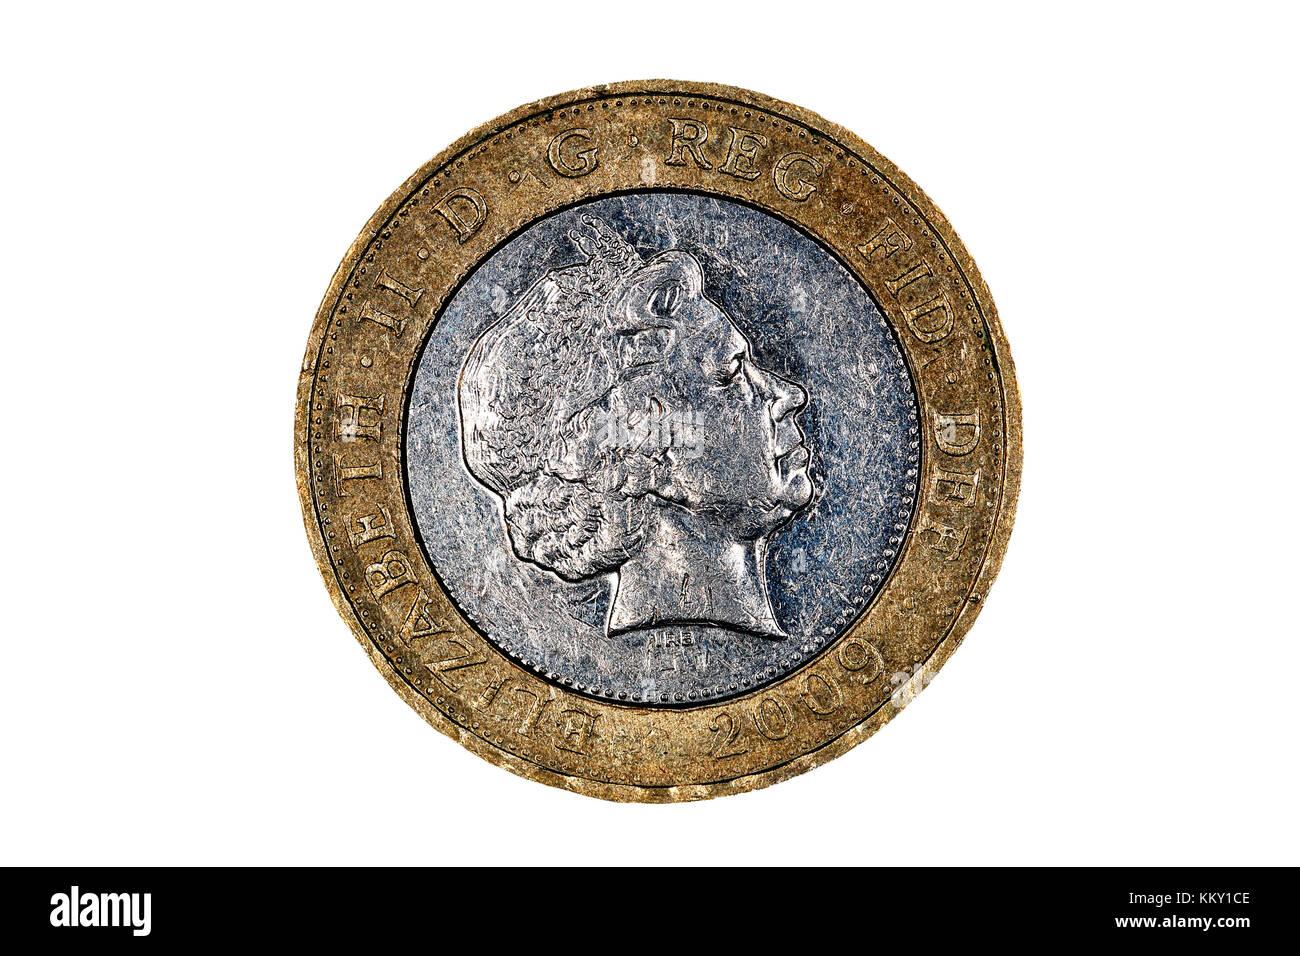 Die Köpfe Von Zwei Pfund Münze Die Queen Elizabeth Kopf Auf Weißem